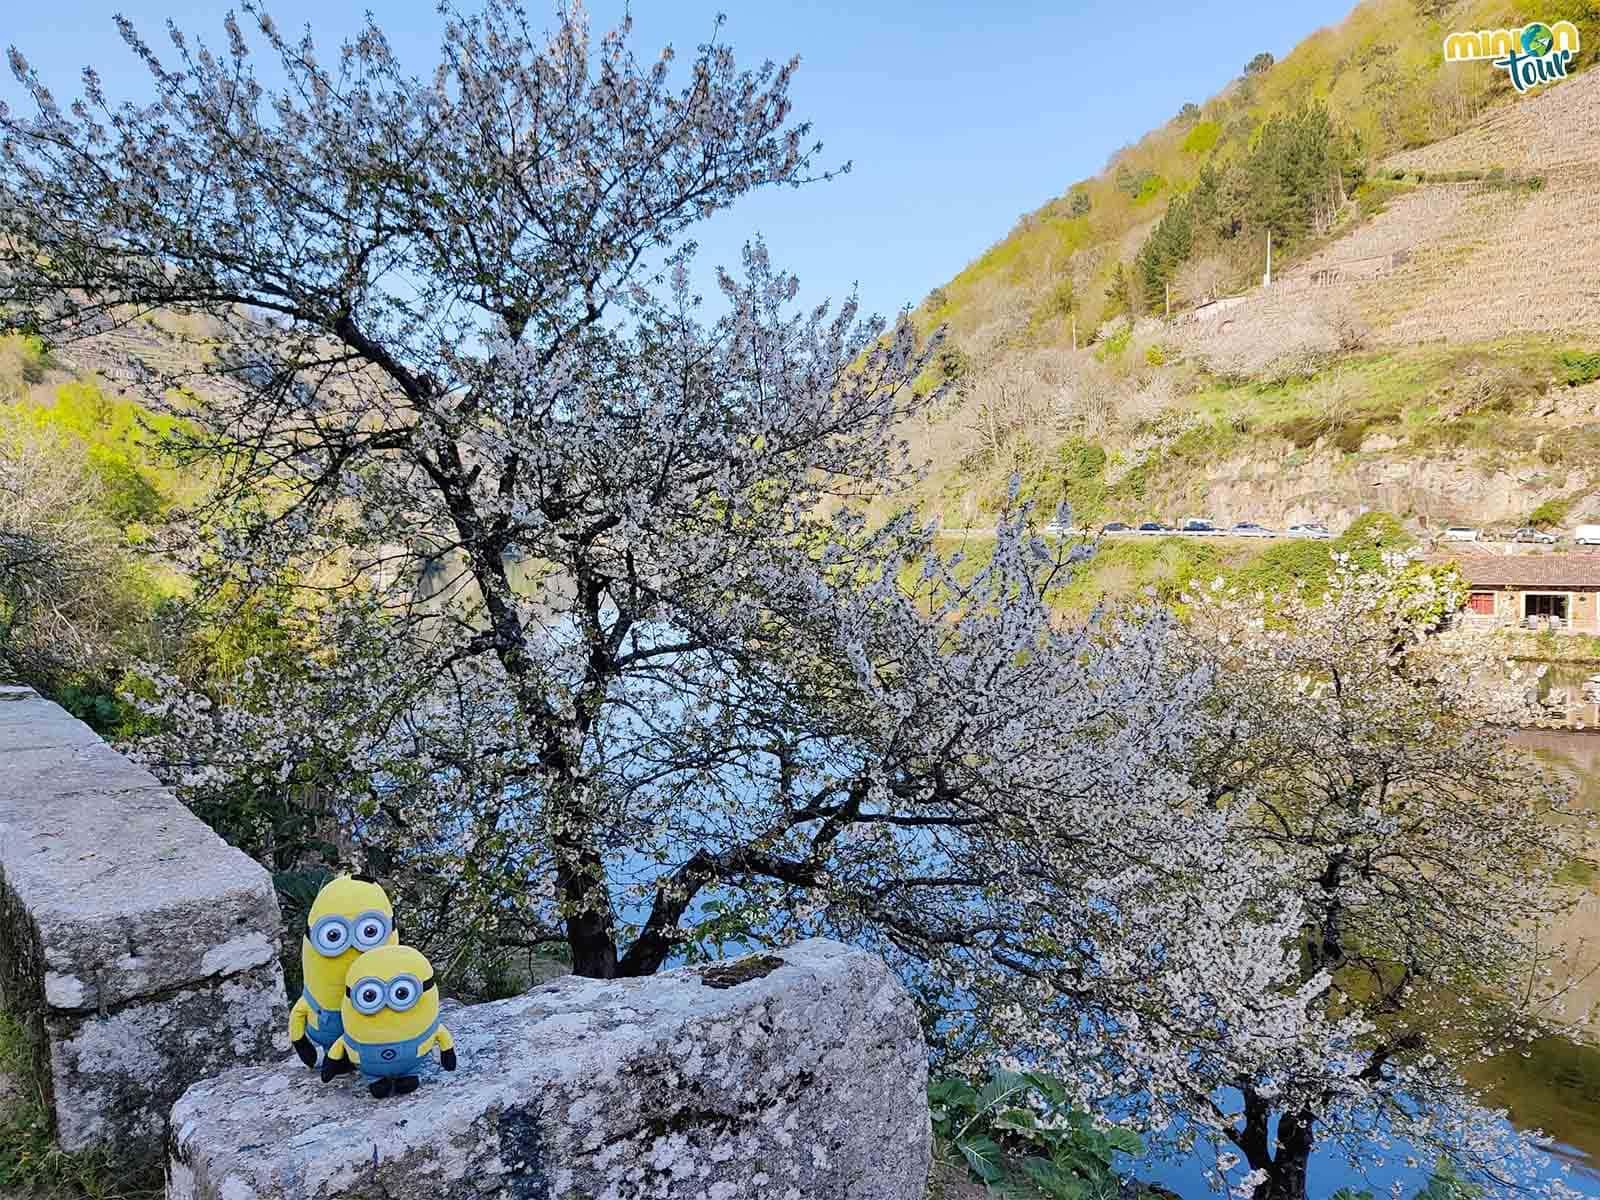 Cerezos en flor en la orilla del río Miño en Chantada